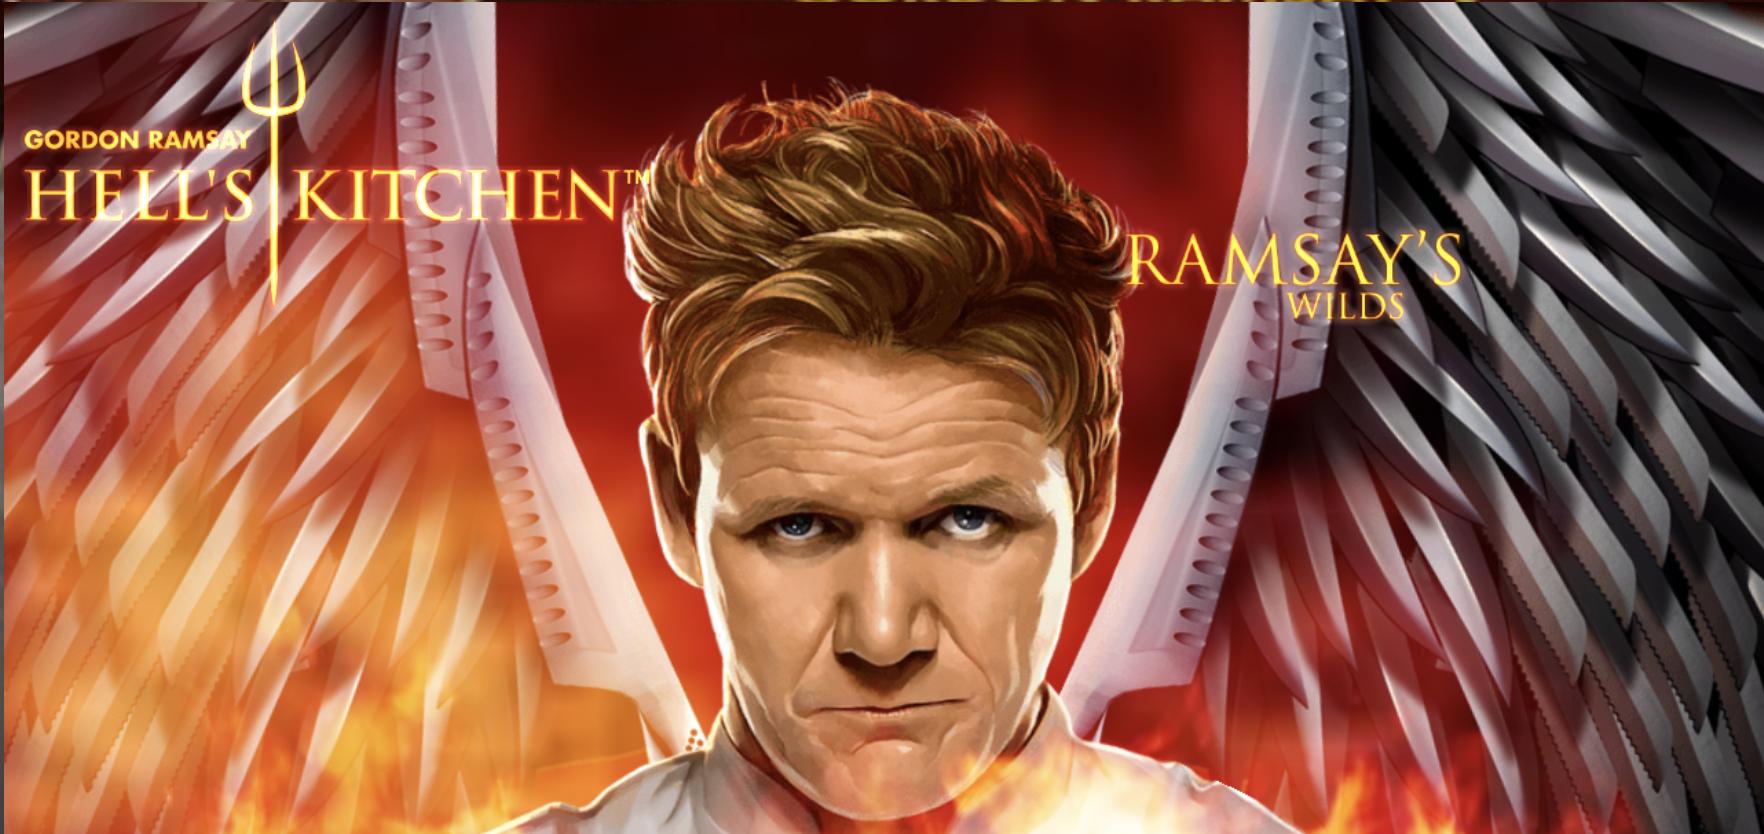 Gordon Ramsay » Hell's Kitchen Video Slot 2021 » Ny slot från Netent! Testa att spela detta häftiga spel. Spela hos några av våra Casinon.